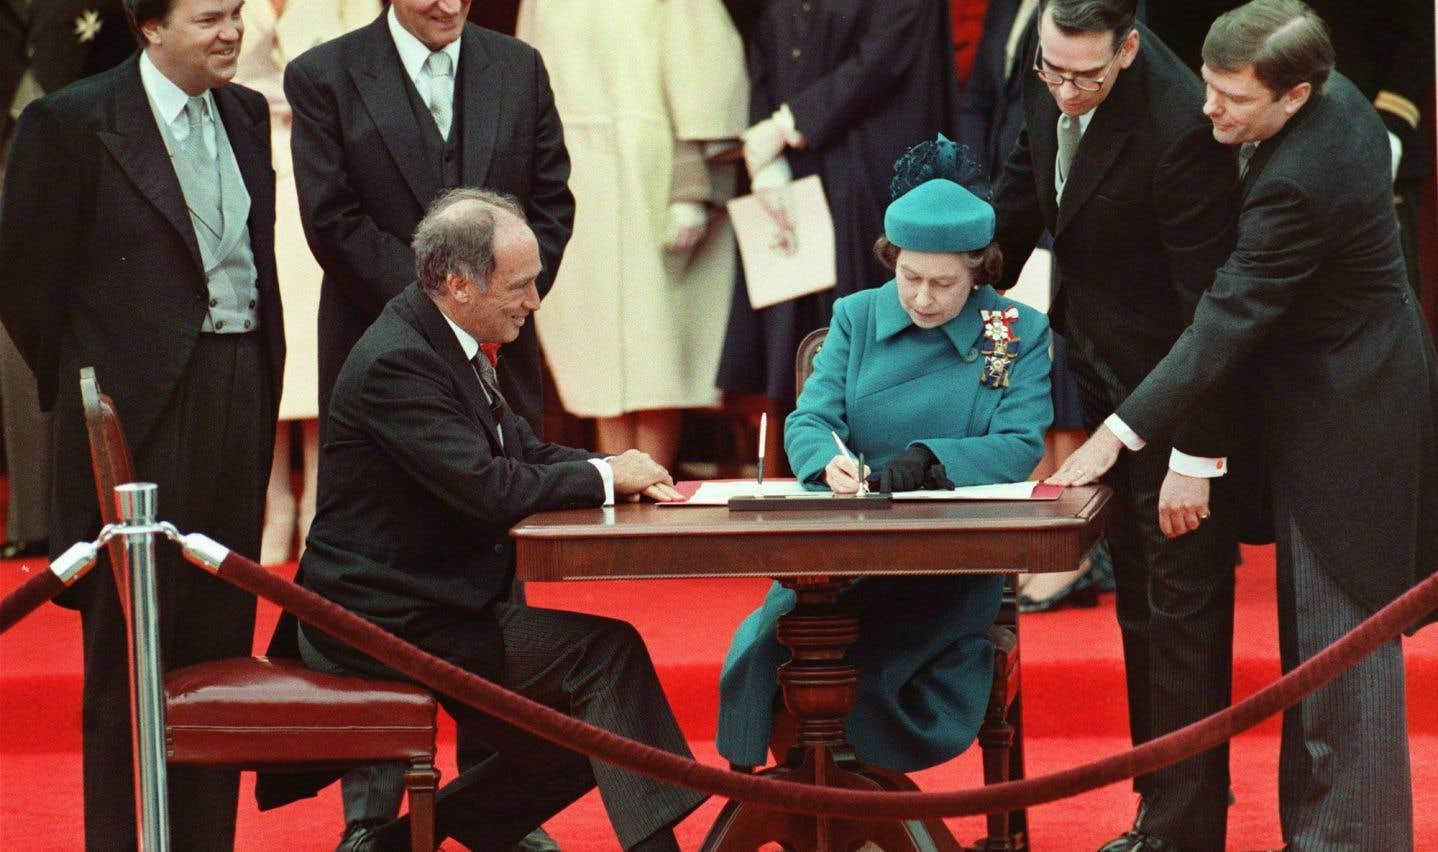 Sous le regard attentif du premier ministre Pierre Elliott Trudeau, la reine Elizabeth signe la proclamation de la Loi constitutionnelle du Canada à Ottawa, le 17 avril 1982.